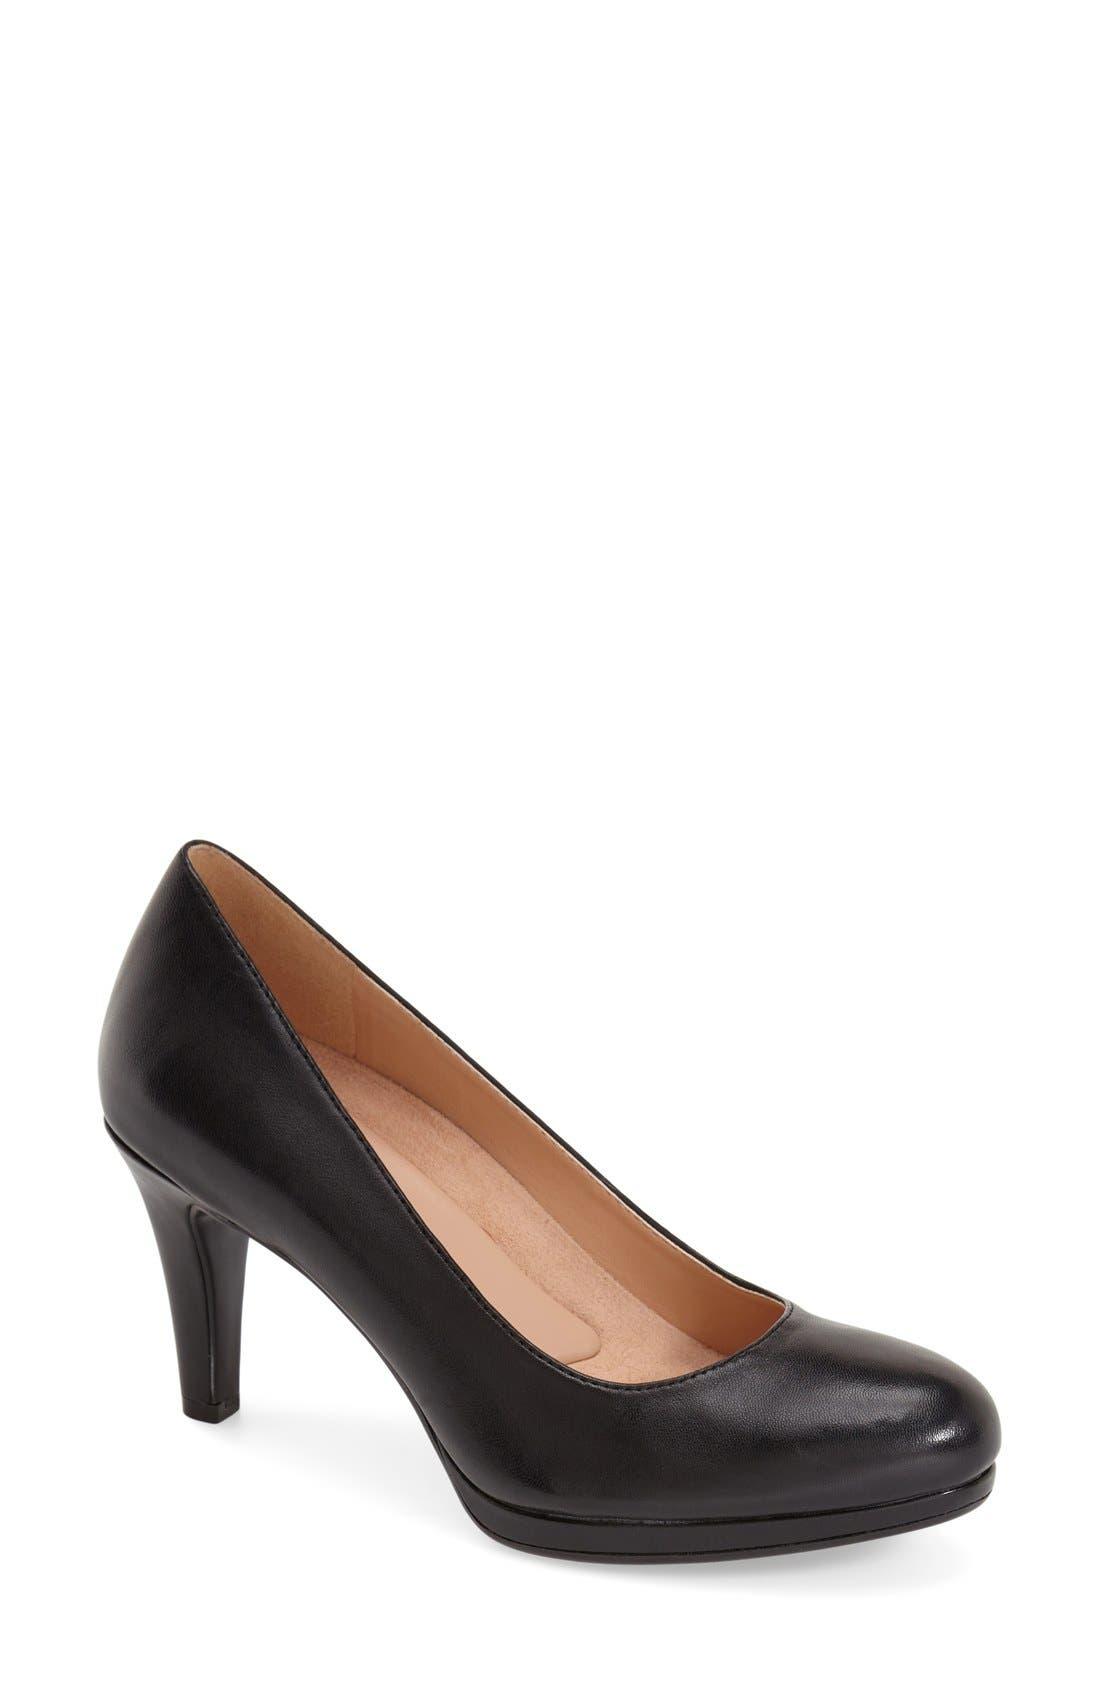 NATURALIZER, 'Michelle' Almond Toe Pump, Main thumbnail 1, color, BLACK LEATHER